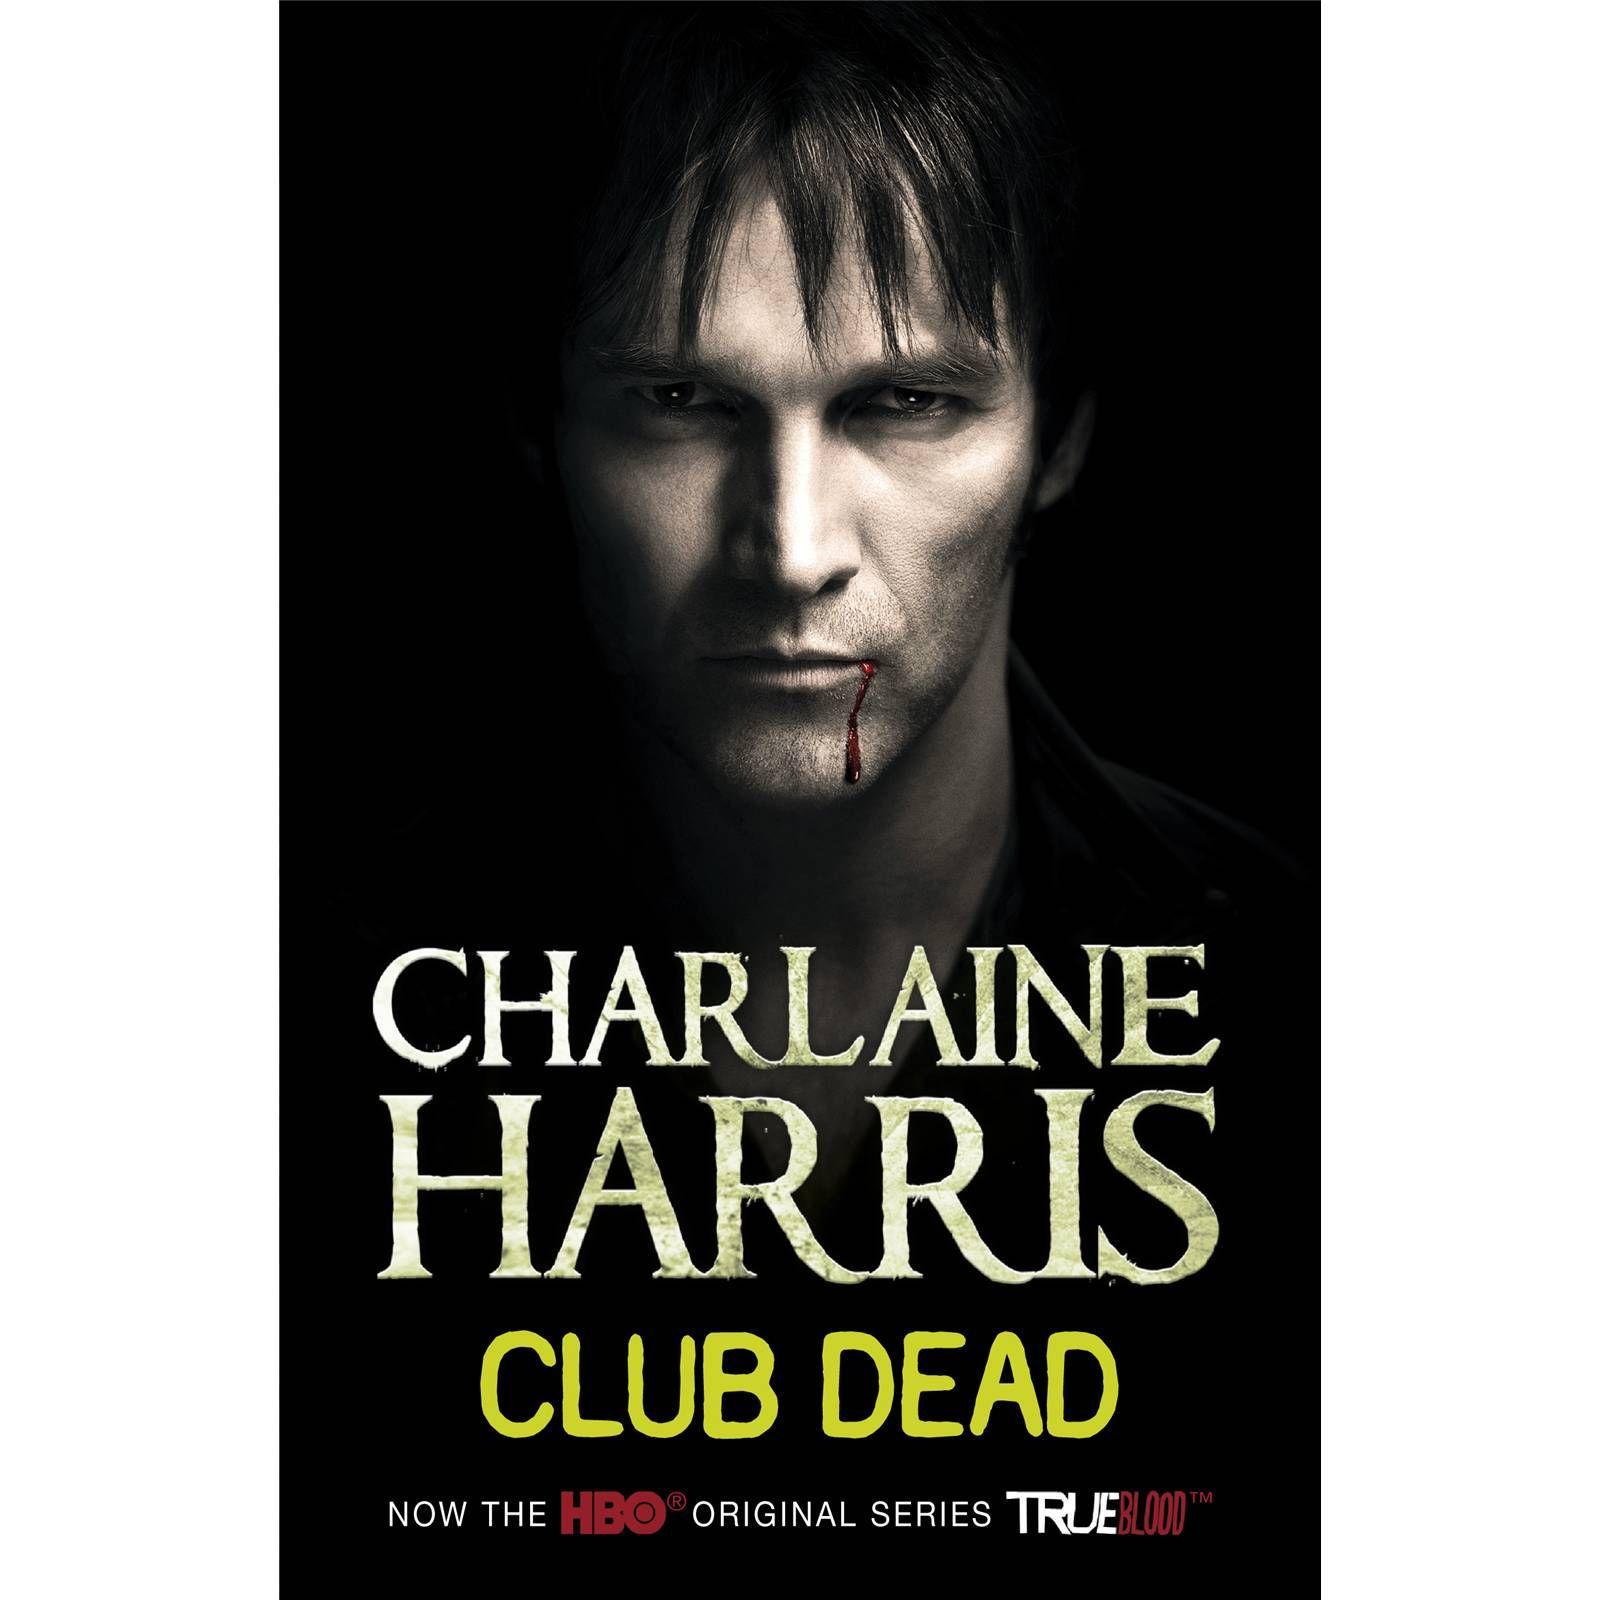 Harris pdf dead charlaine club